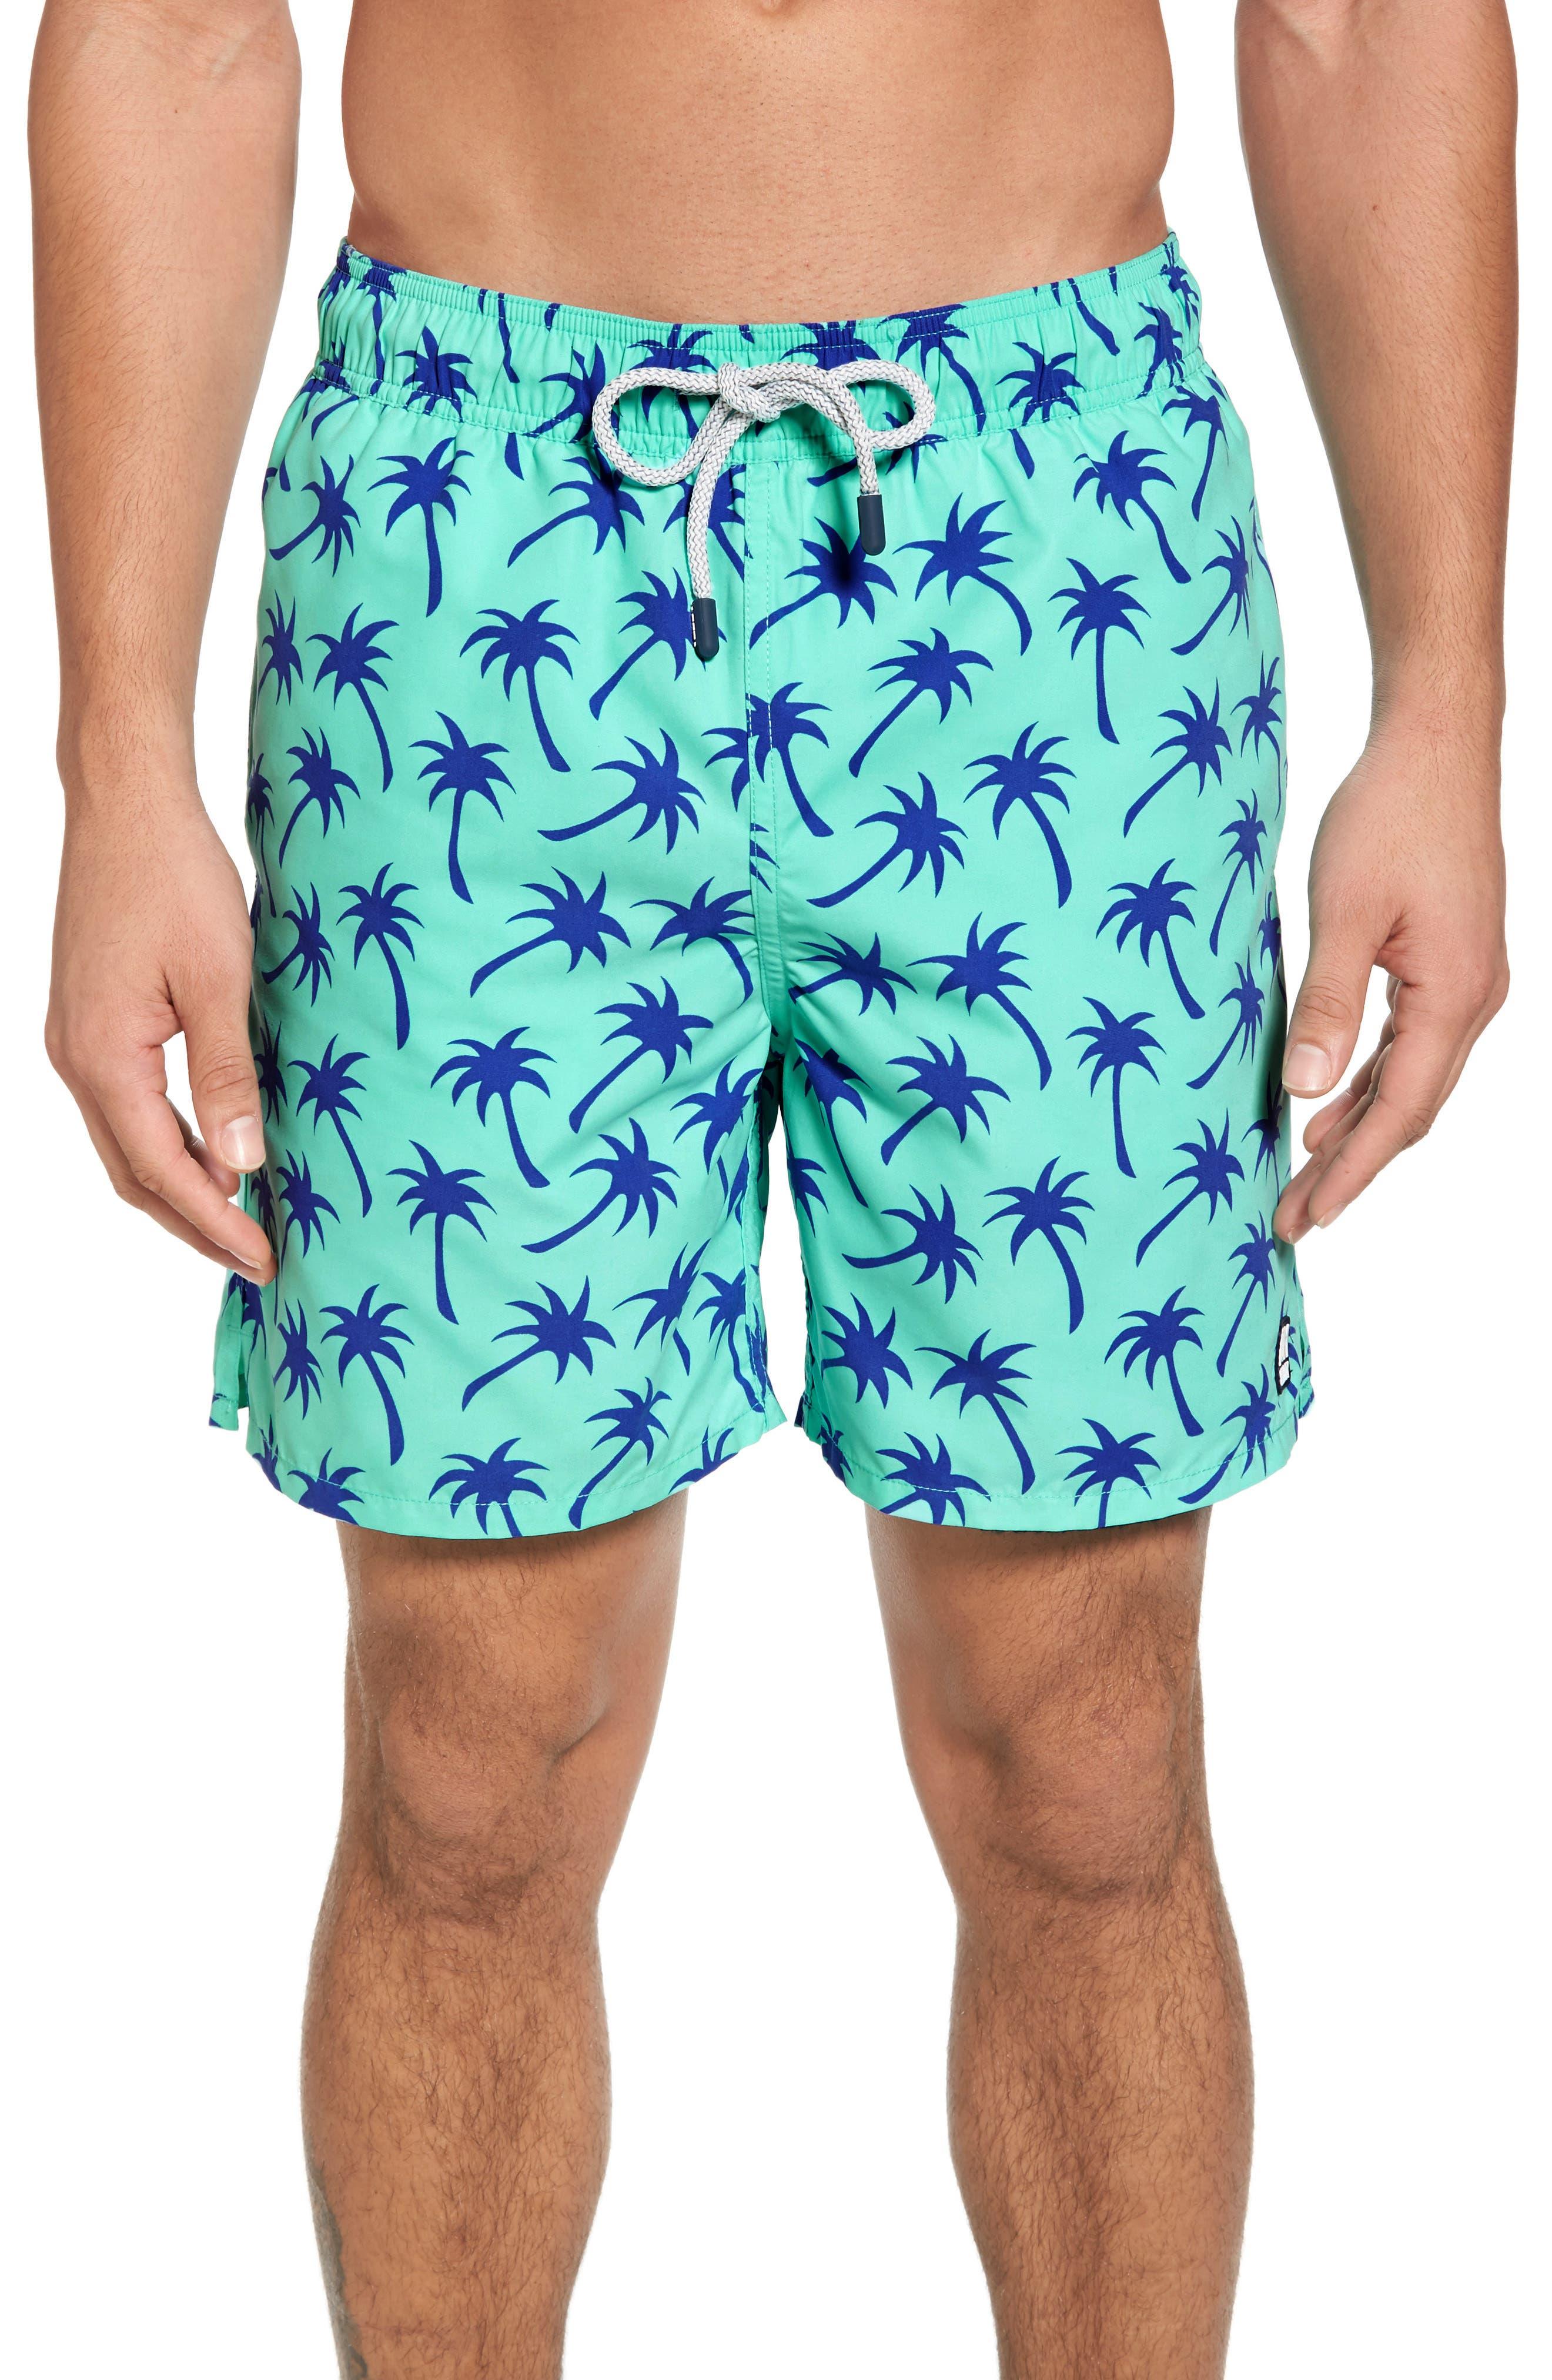 Palm Tree Print Swim Trunks,                             Main thumbnail 1, color,                             EMERALD/ BLUE